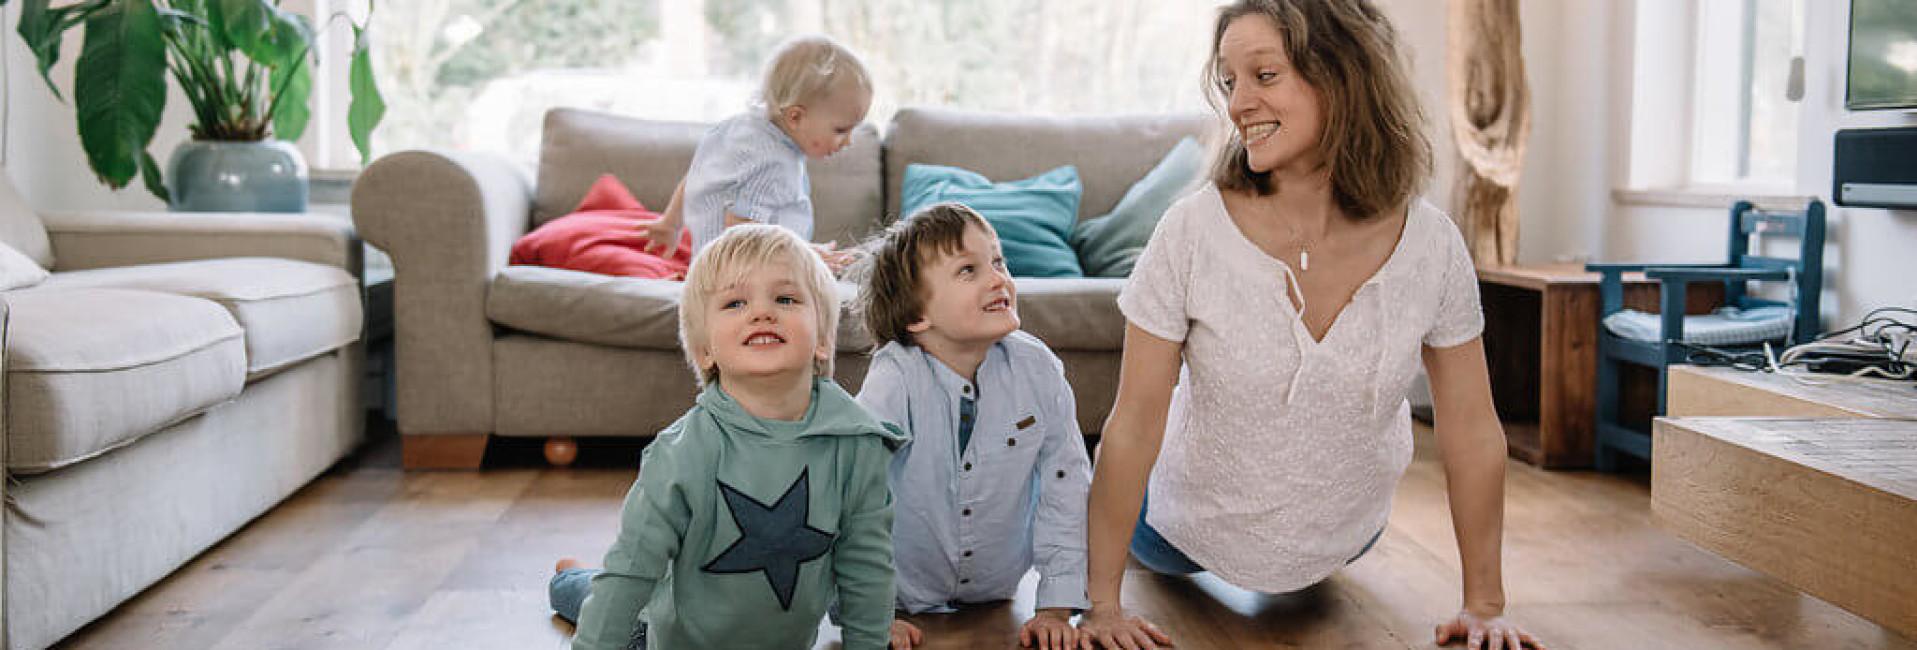 Persoonlijk ontwikkelen Anna van Remundt door samen te spelen en lol te maken